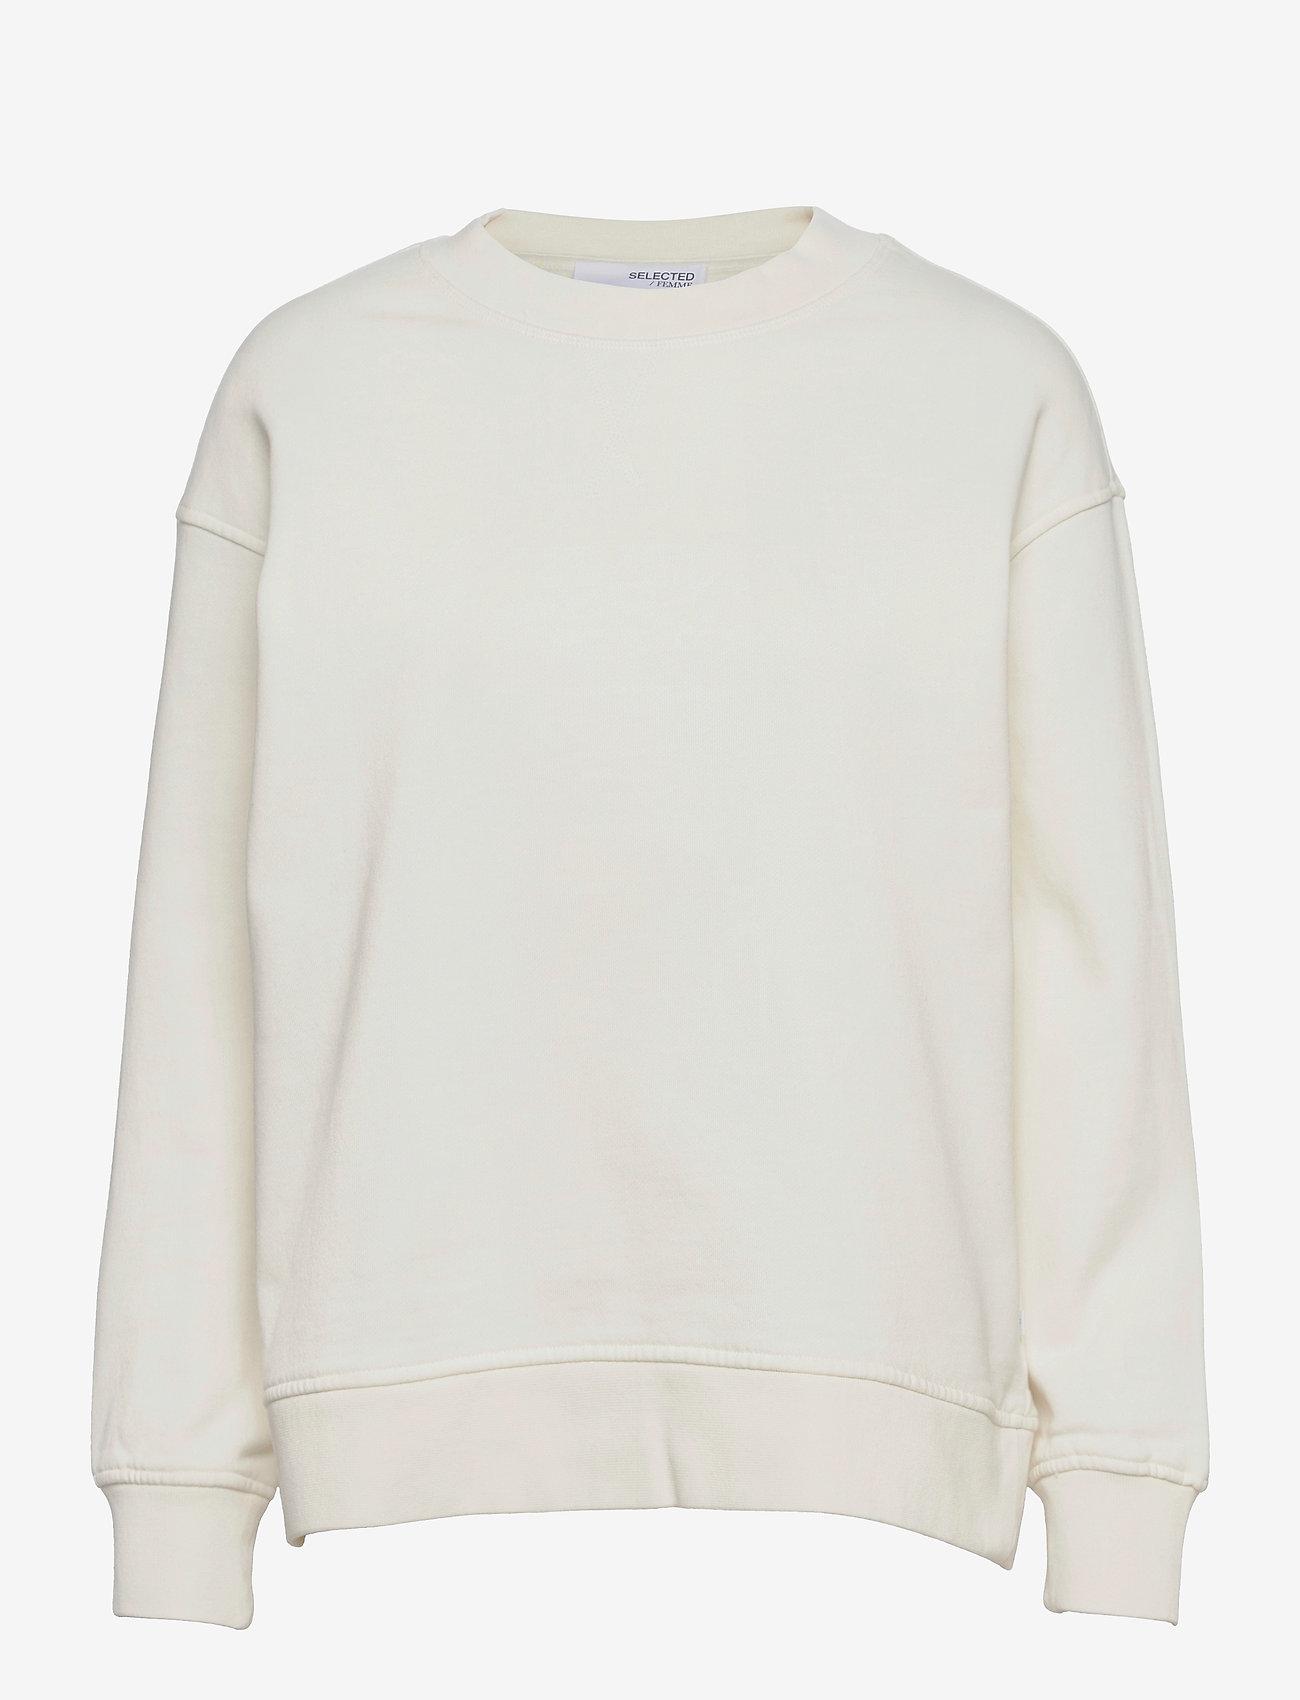 Selected Femme - SLFSTASIE LSWEAT - sweatshirts & hoodies - pristine - 0